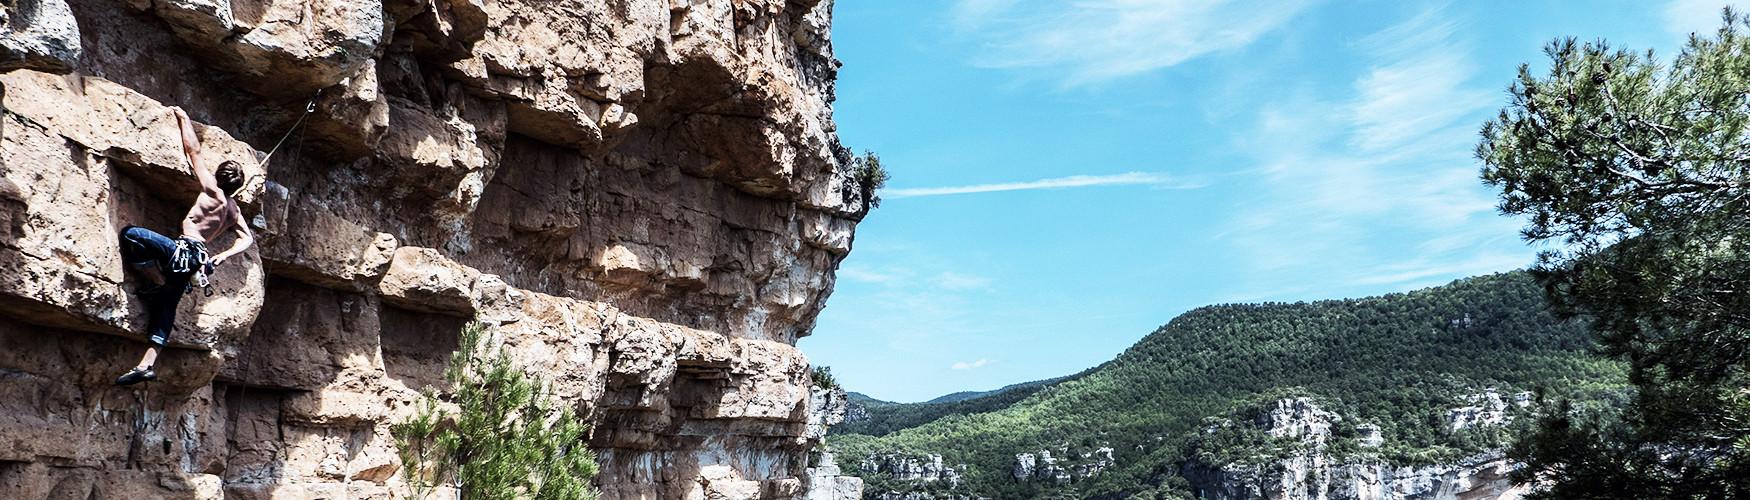 Kletterreise Urlaub